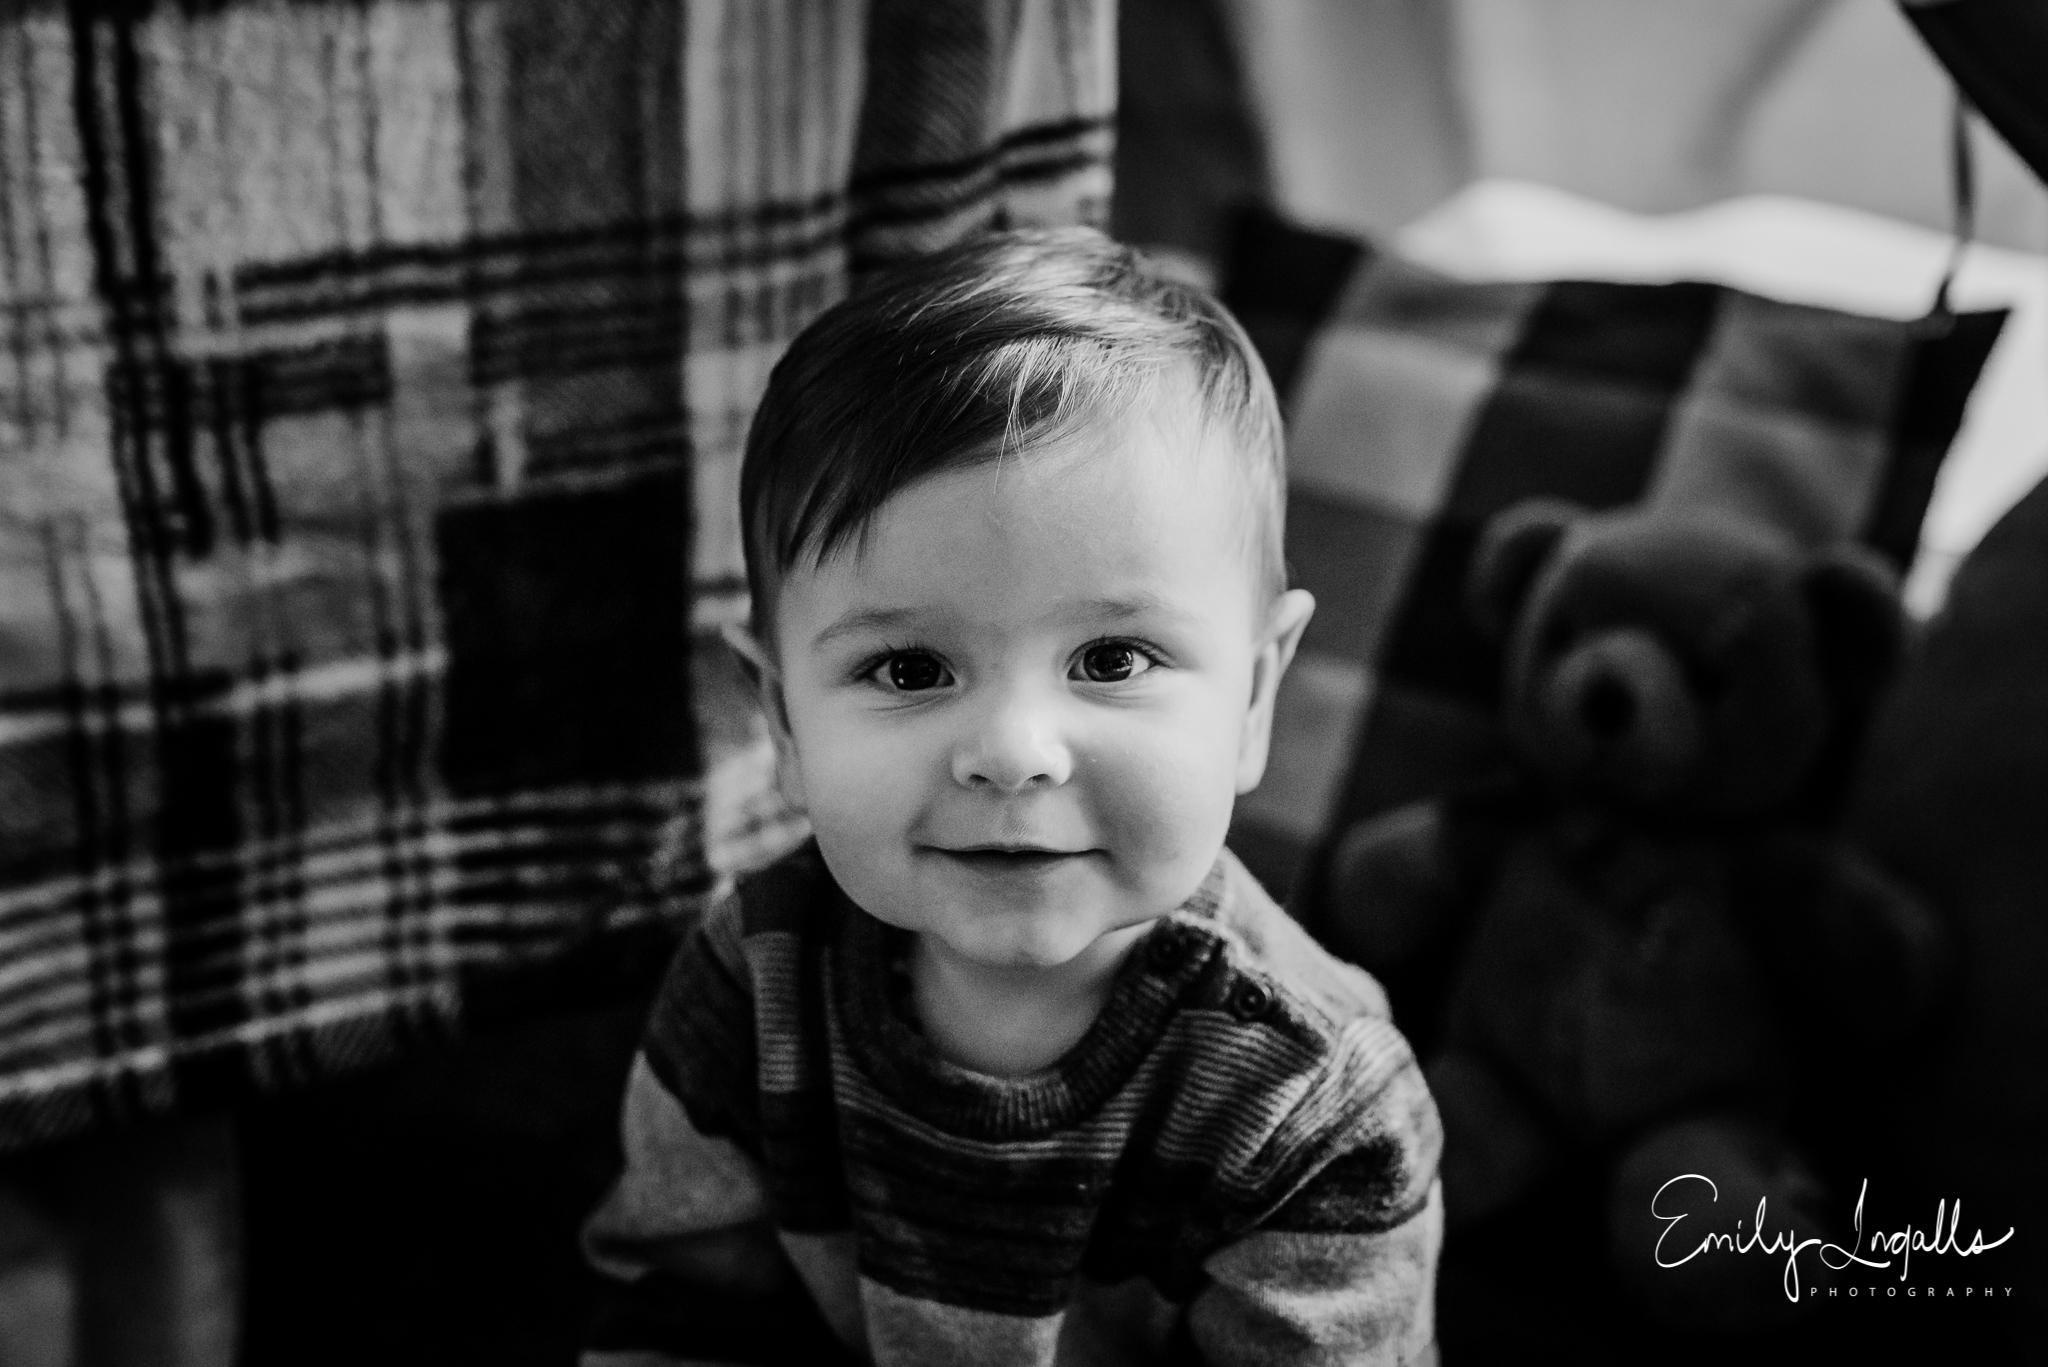 Babys 1st Birthday_Smash Cake Session_One Year Old Baby Photographer_Round Rock Photographer_Emily Ingalls Photography_Austin Photographer_Pflugerville Photographer_Georgetown Photographer-2.jpg